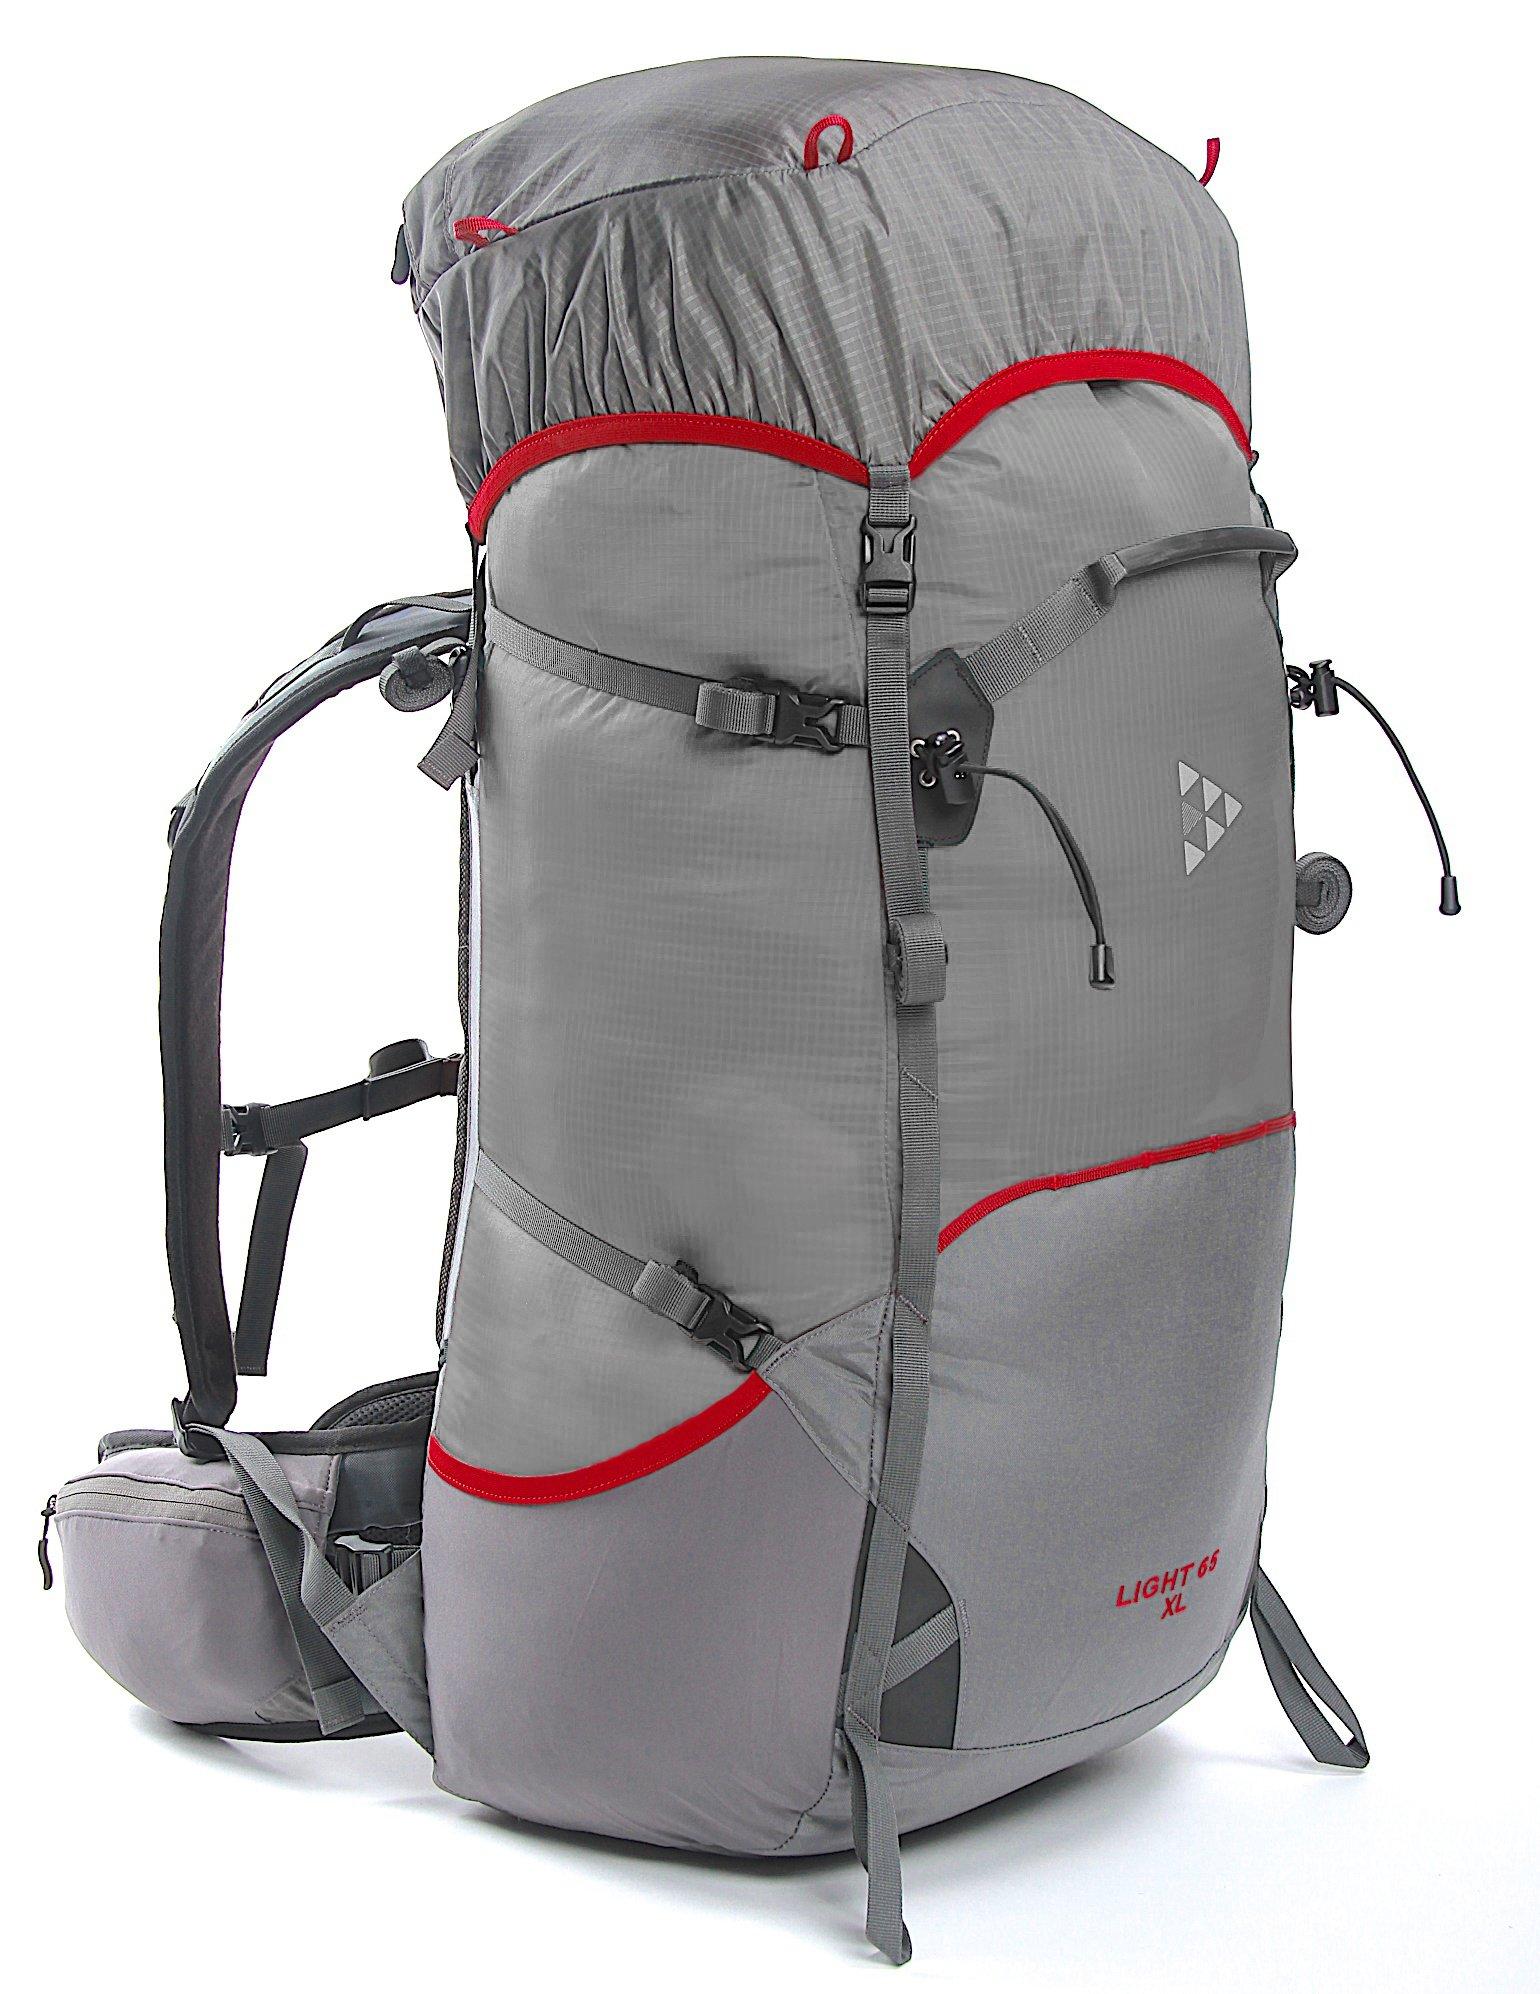 Рюкзак BASK LIGHT 65 M 5200Рюкзаки<br><br><br>Анатомическая конструкция спины и ремней: Да<br>Вентиляция спины: Да<br>Вес граммы: 1214<br>Вес коврика: 0.158<br>Вес съёмного клапана: 0.128<br>Внутренние карманы: Да<br>Внутренняя перегородка: Нет<br>Возможность крепления сноуборда/скейтборда/лыж: Нет<br>Грудной фиксатор: Да<br>Карман для гидратора: Нет<br>Карман для средств связи: Нет<br>Карманы на поясе: Да<br>Клапан: Съемный<br>Минимальный вес: 0.695<br>Назначение: Треккинг<br>Накидка от дождя: Нет<br>Наружная навеска: Навесная система позволяет крепить специальное снаряжение<br>Наружные карманы: Да<br>Нижний вход: Нет<br>Объем л.: 65<br>Регулировка объема: Да<br>Регулировка угла наклона пояса: Нет<br>Светоотражающий кант: Нет<br>Система подвески: Система подвески регулируется<br>Ткань: 100D Robic® Triple Rip 2000 мм Н2О UTS<br>Усиление: 210Dx420D  Robic® Kodra<br>Усиление дна: Да<br>Фурнитура: W.J., YKK®<br>Размер INT: M<br>Цвет: ЧЕРНЫЙ